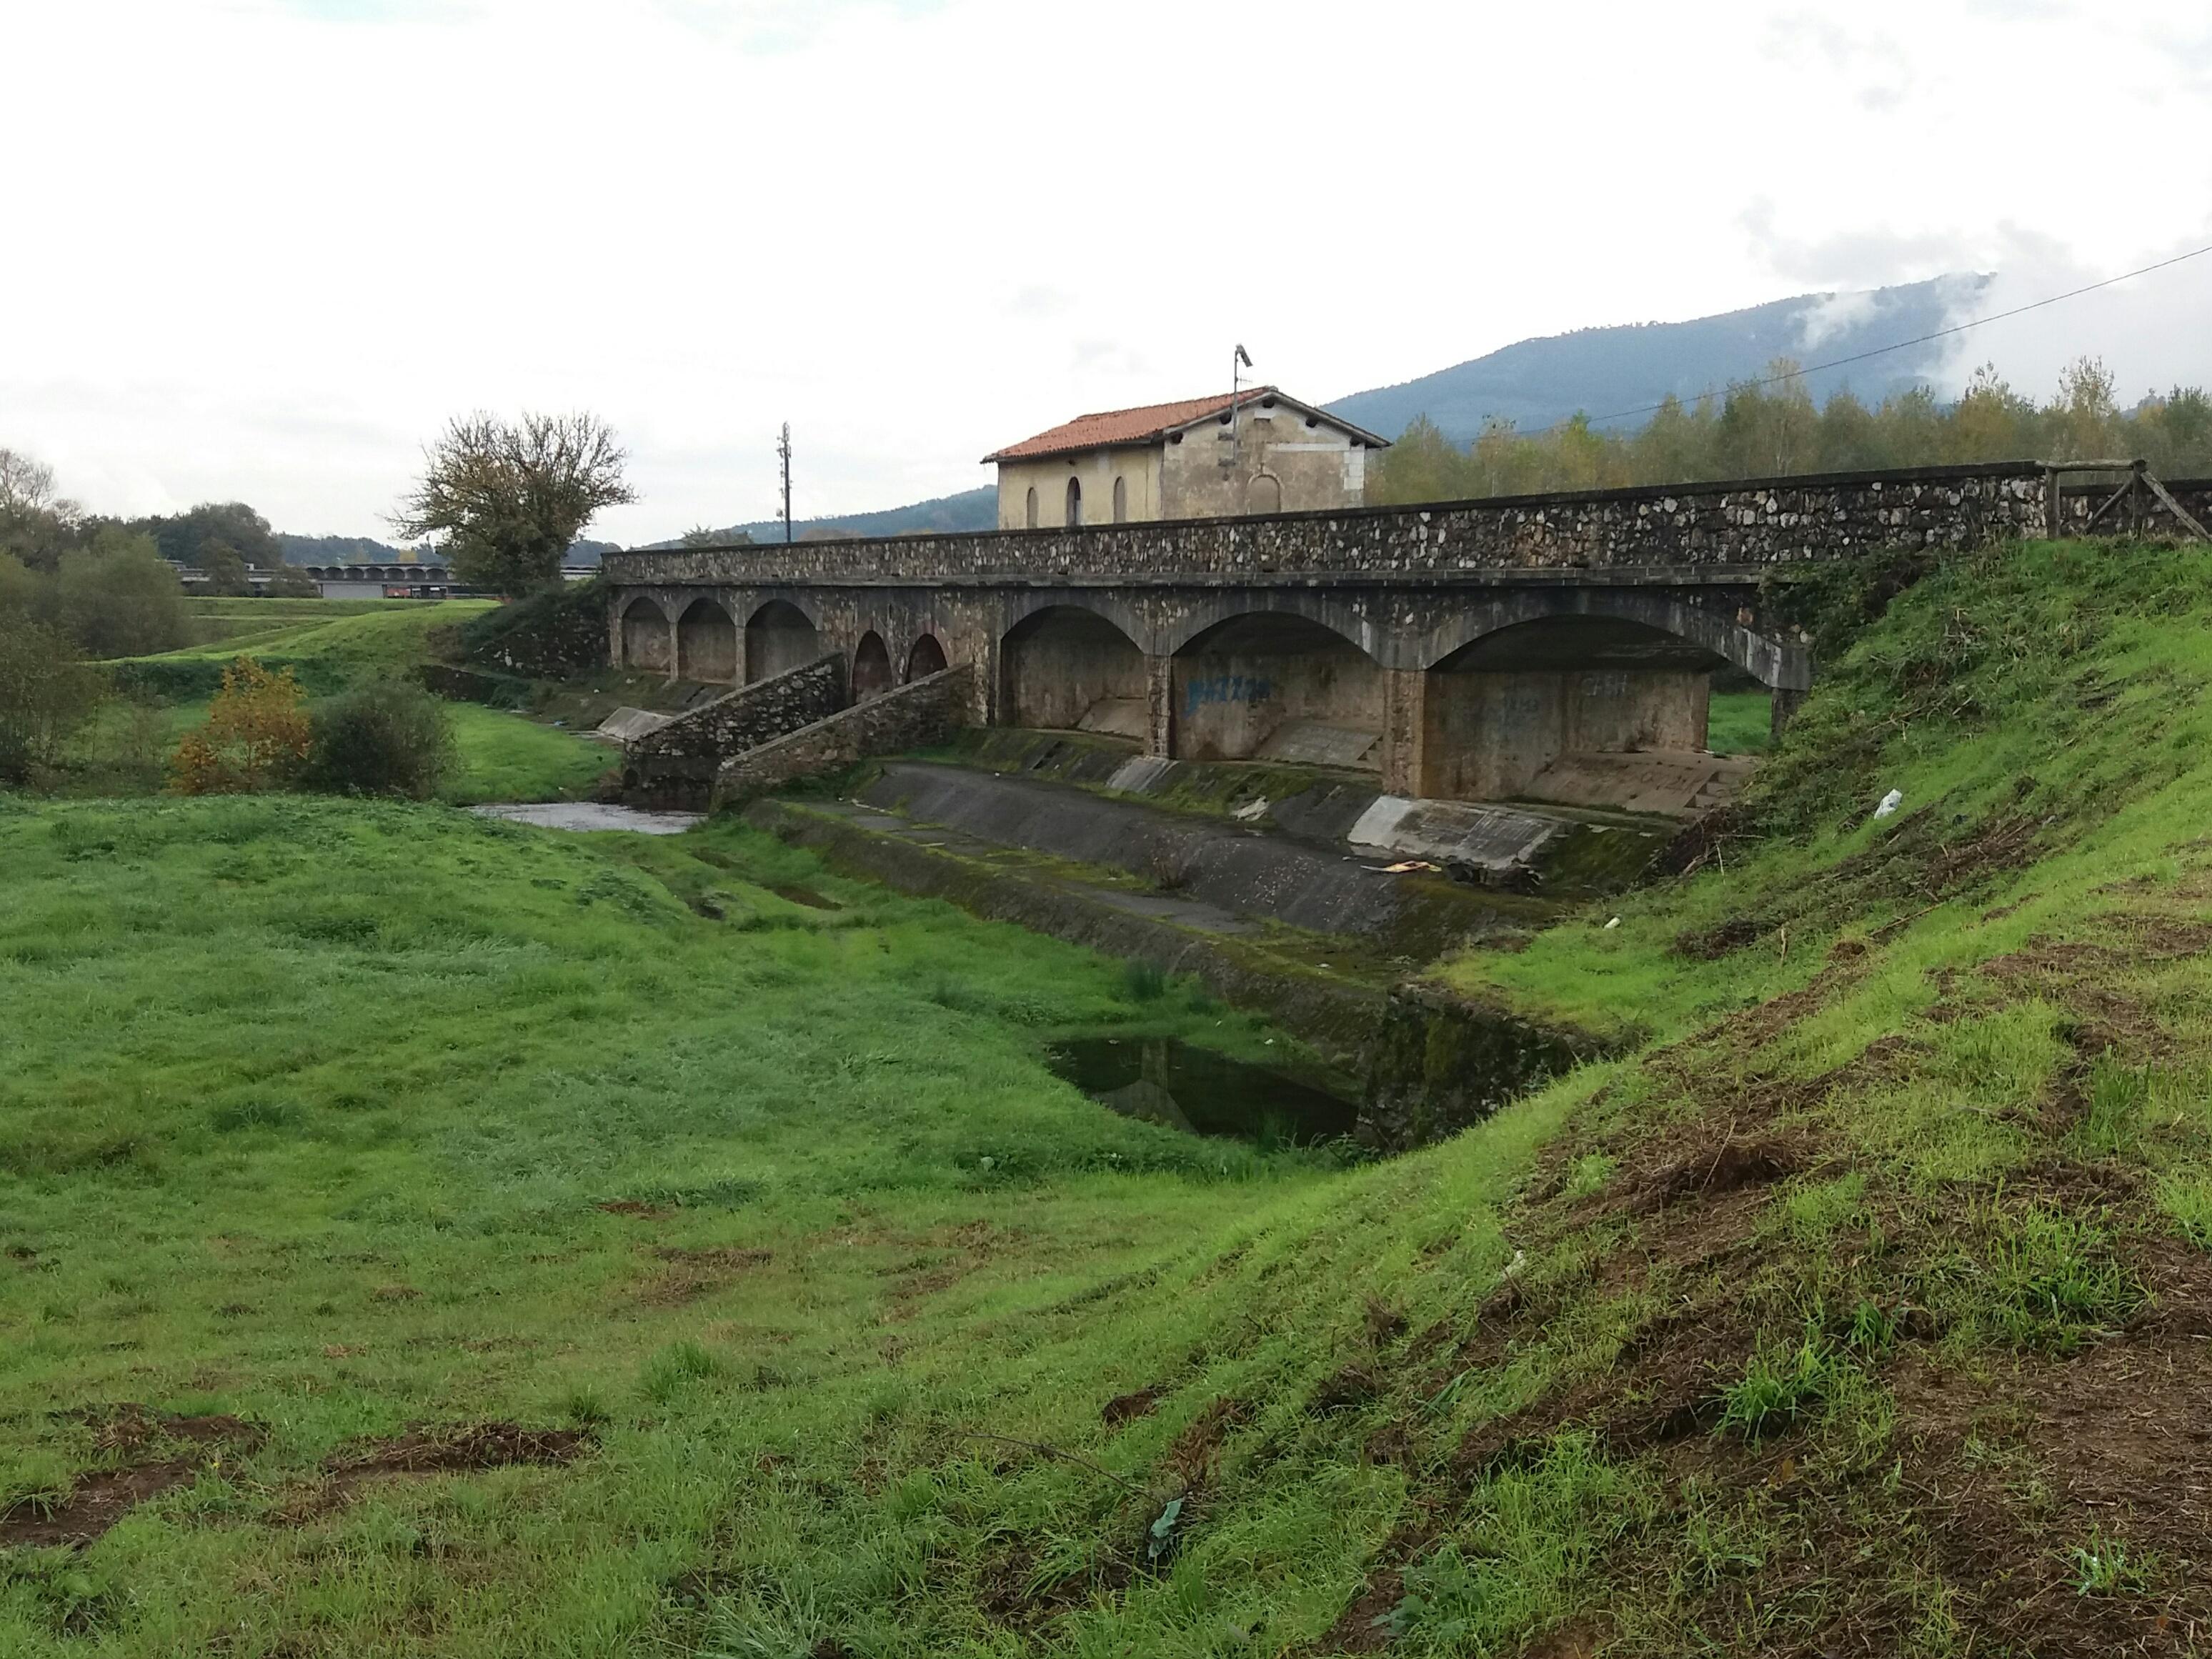 Rio Guappero